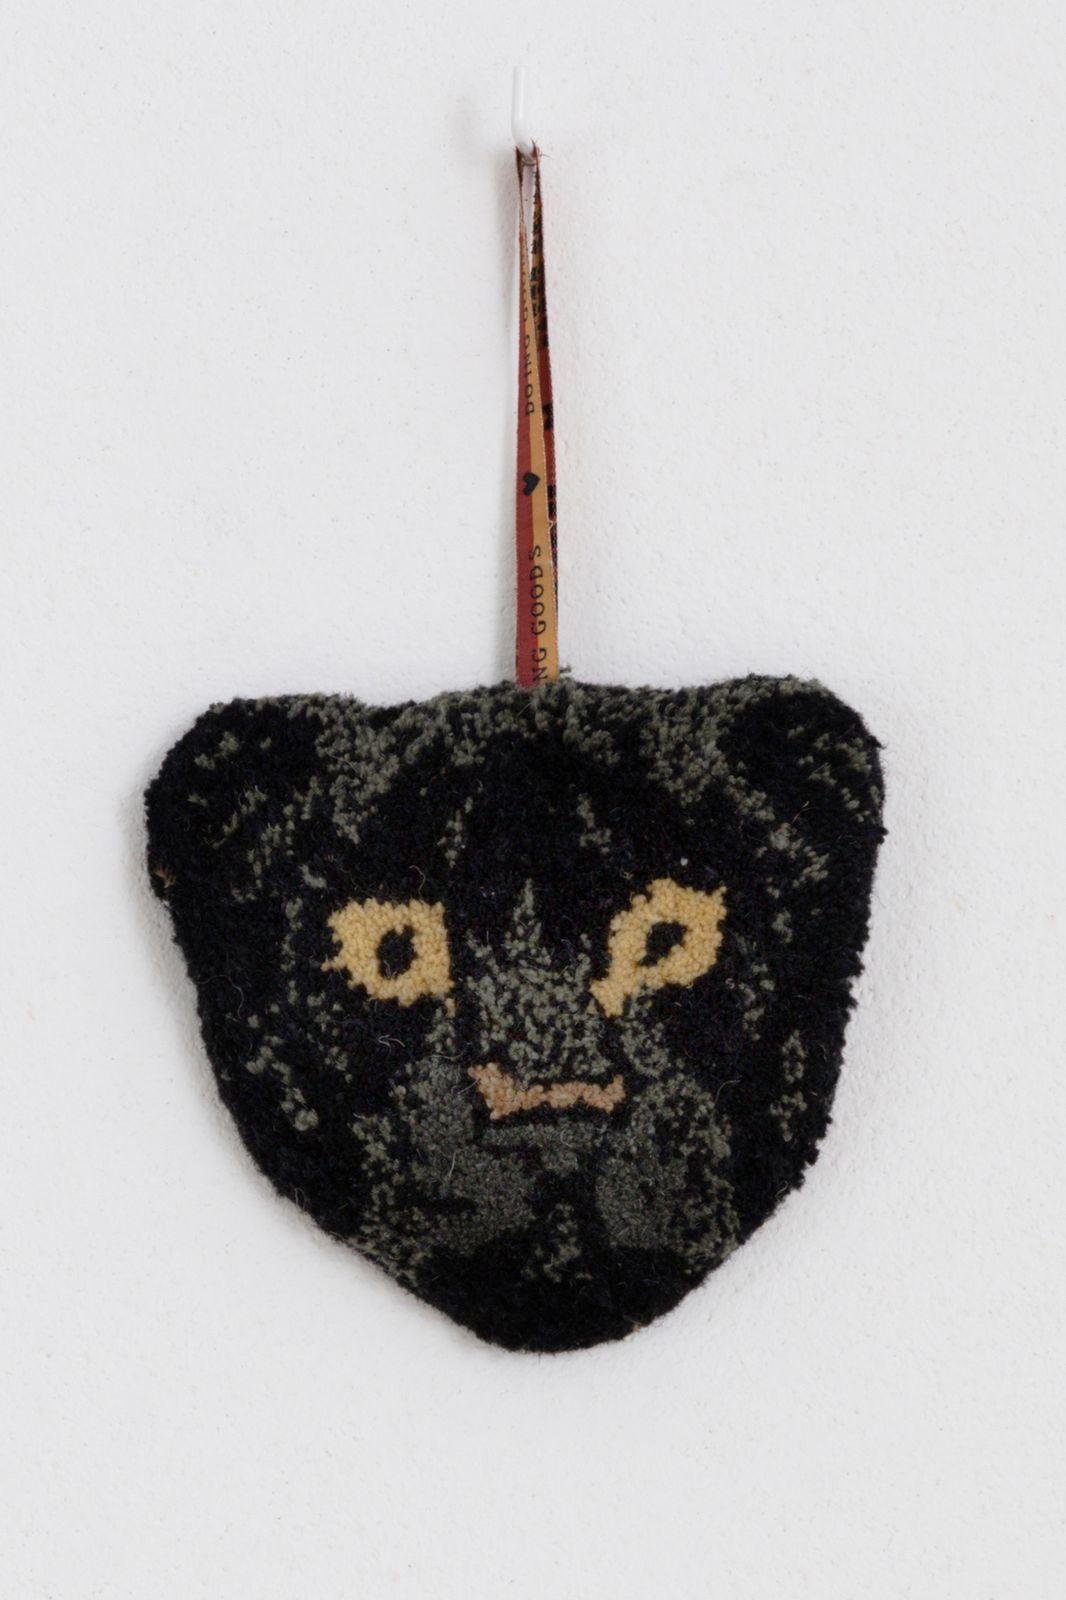 Fiery Black Panther muurhanger